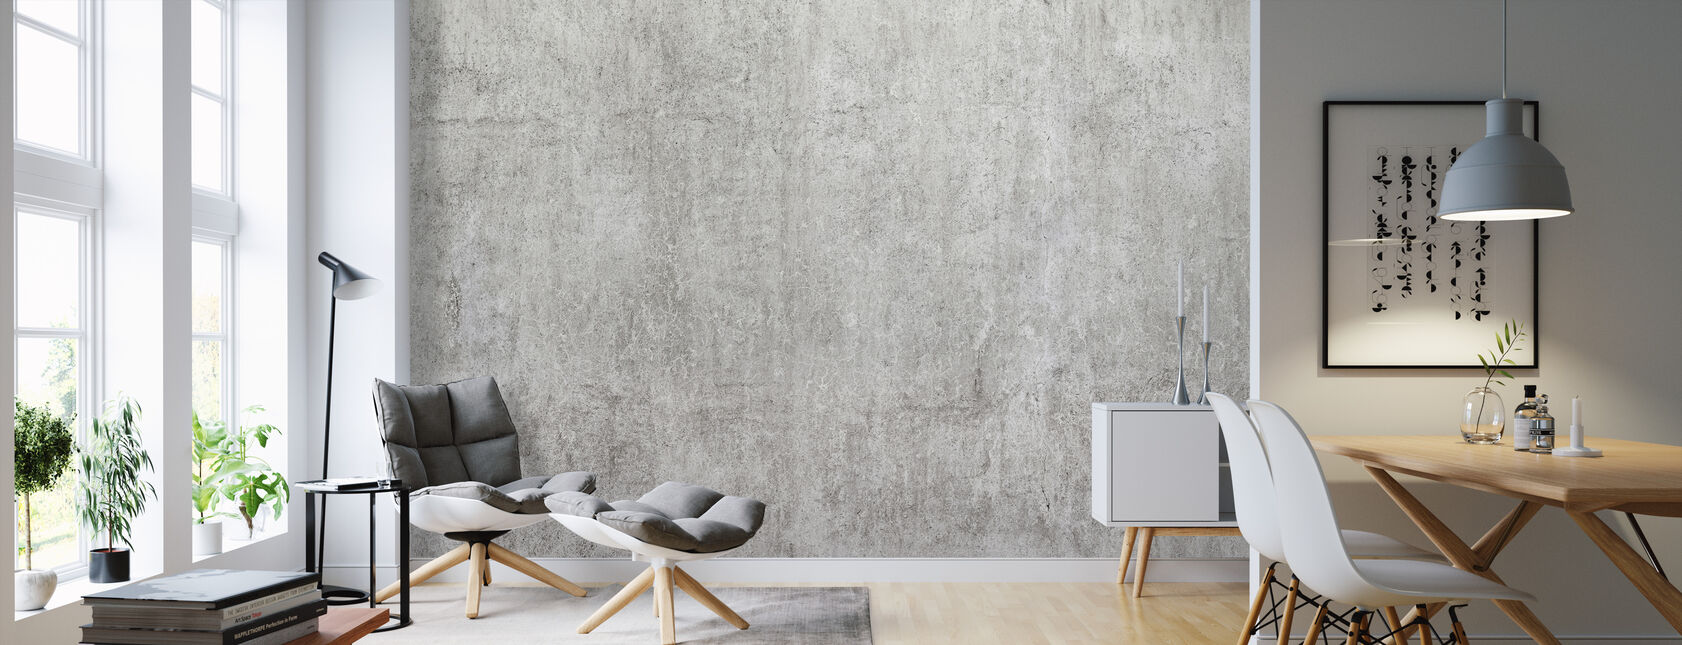 Industriel betonvæg - Tapet - Stue